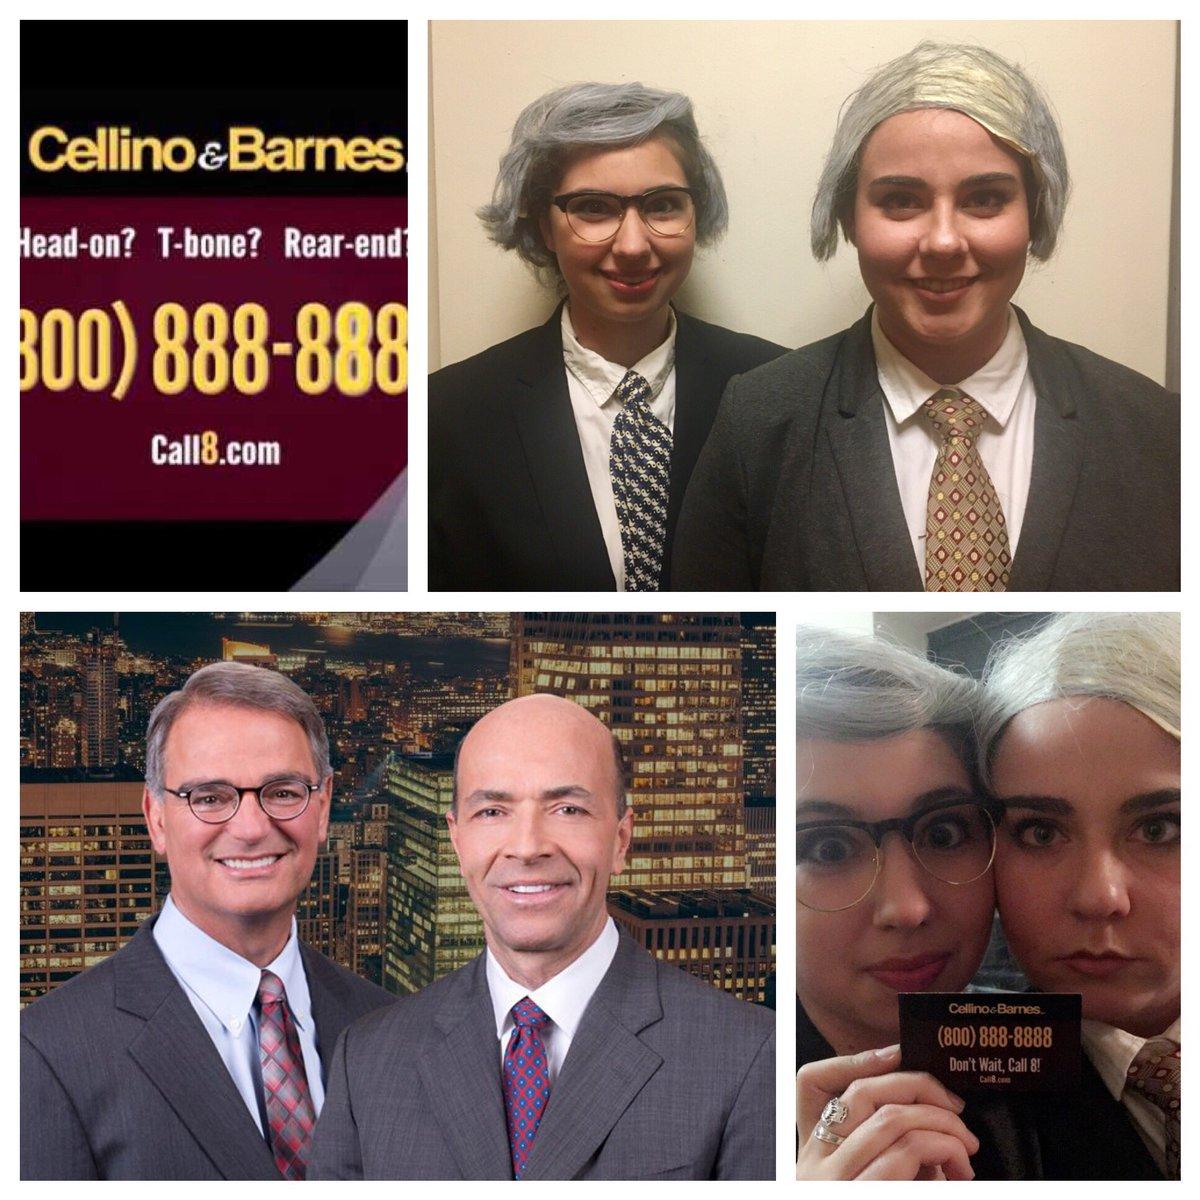 barnes and cellinoandbarnes barns owler competitors revenue company profile cellino employees